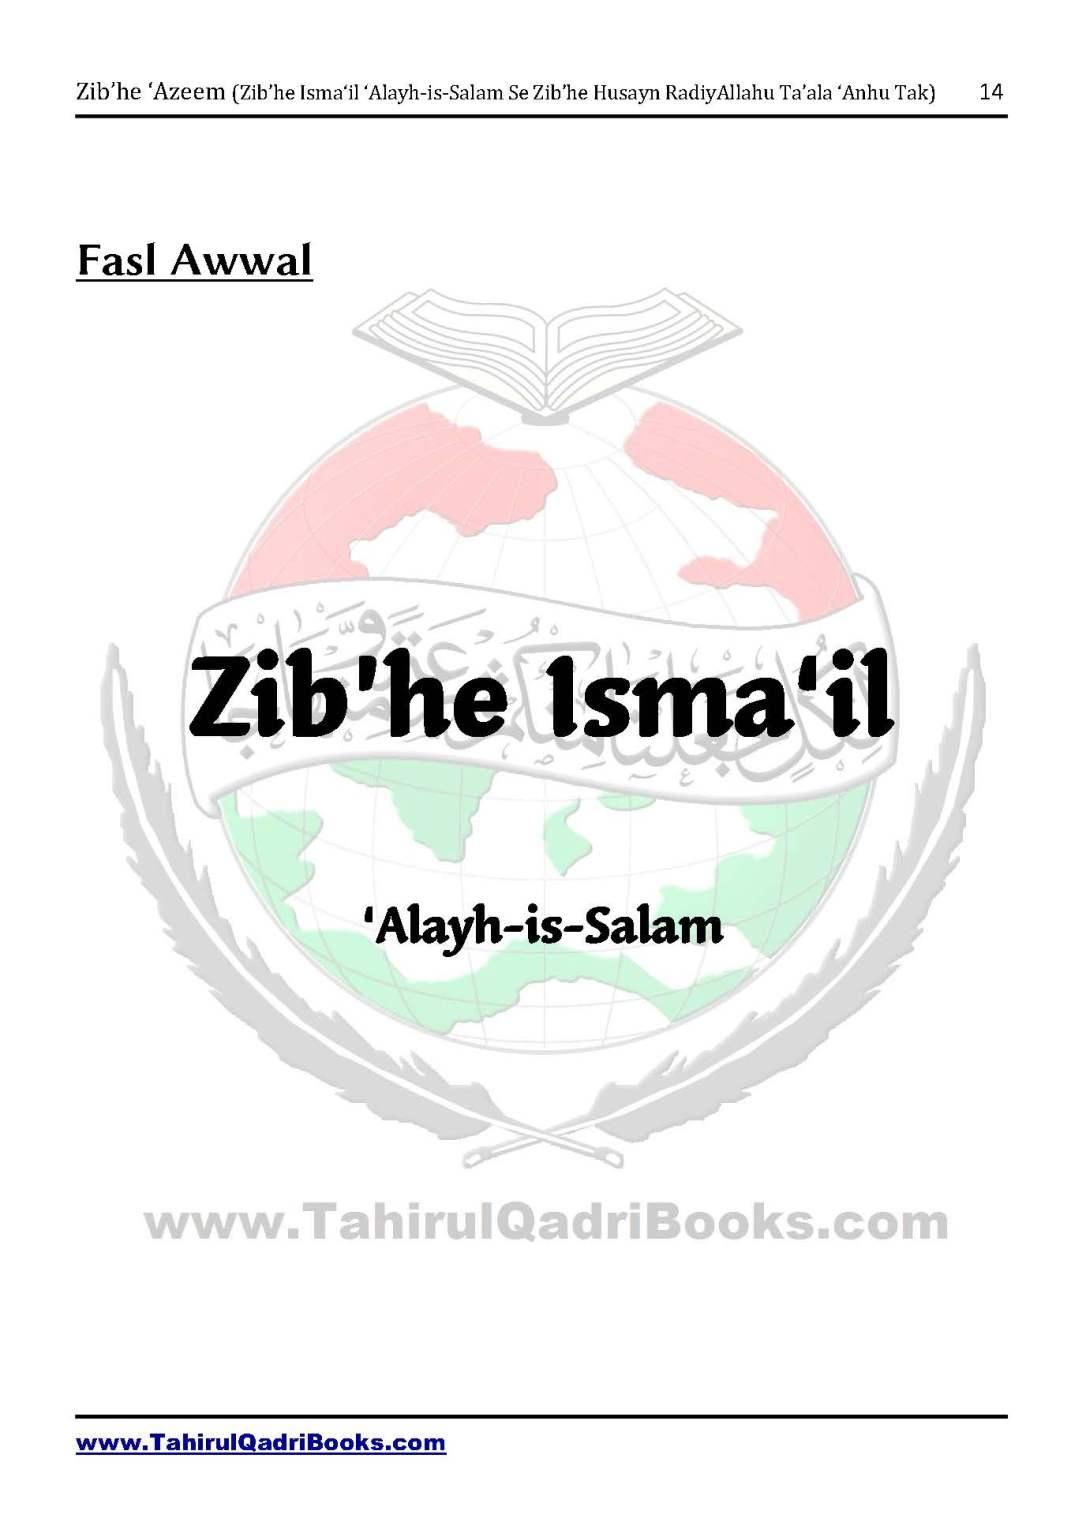 zib_he-e28098azeem-zib_he-ismacabbil-se-zib_he-husayn-tak-in-roman-urdu-unlocked_Page_014